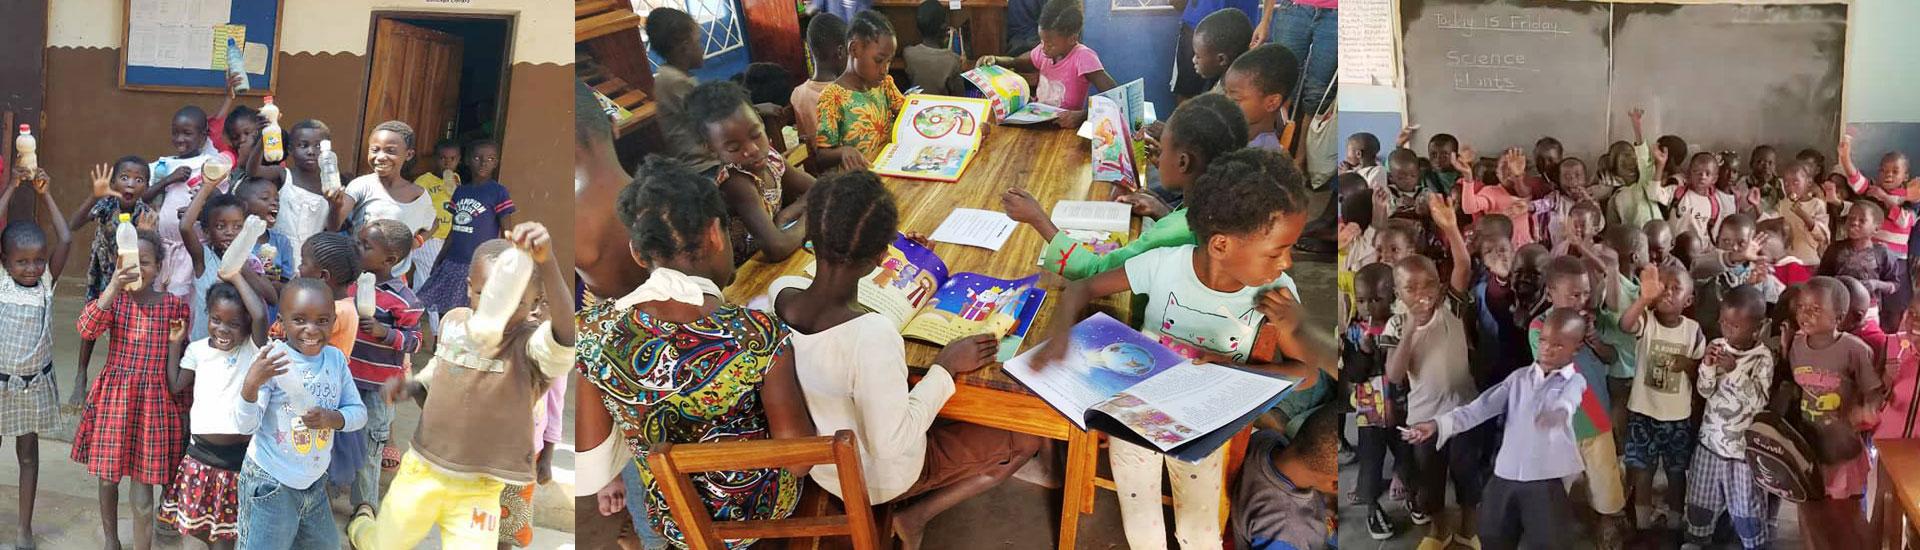 Los niños de Lufubu ya tienen escuela